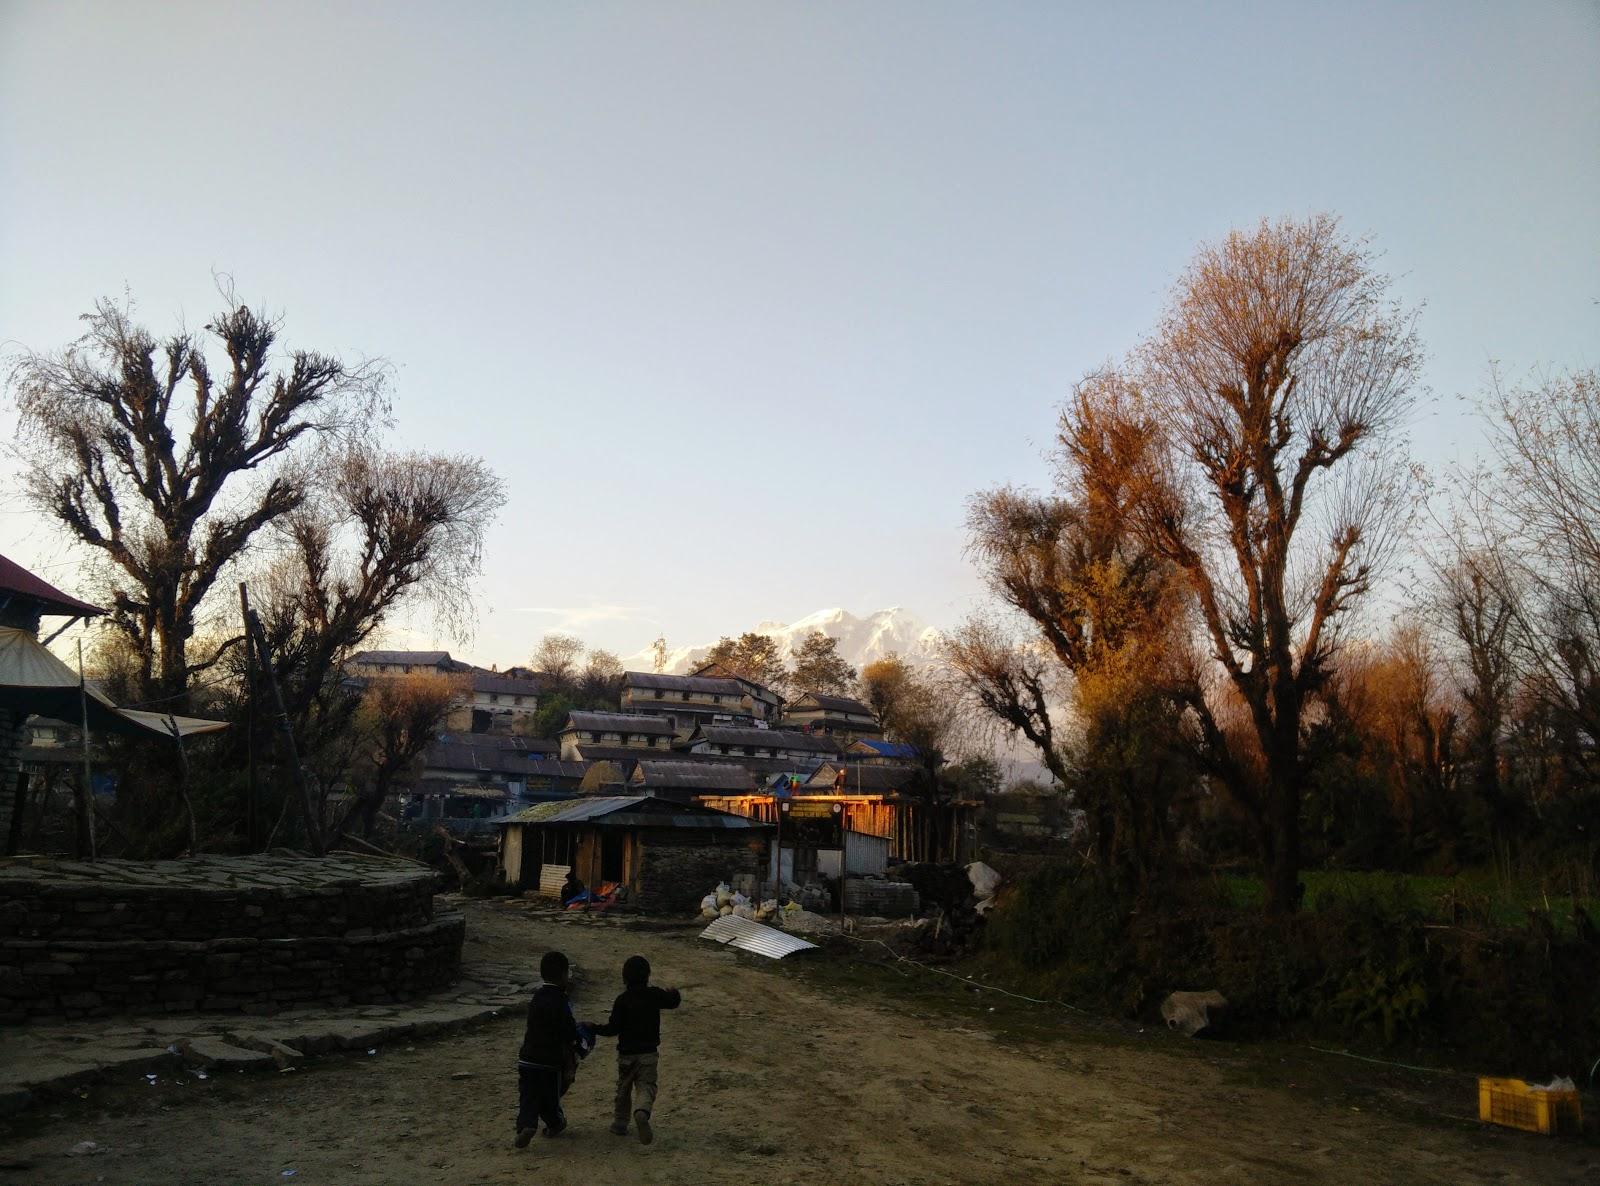 Ghalegaun Lamjung, Nepal